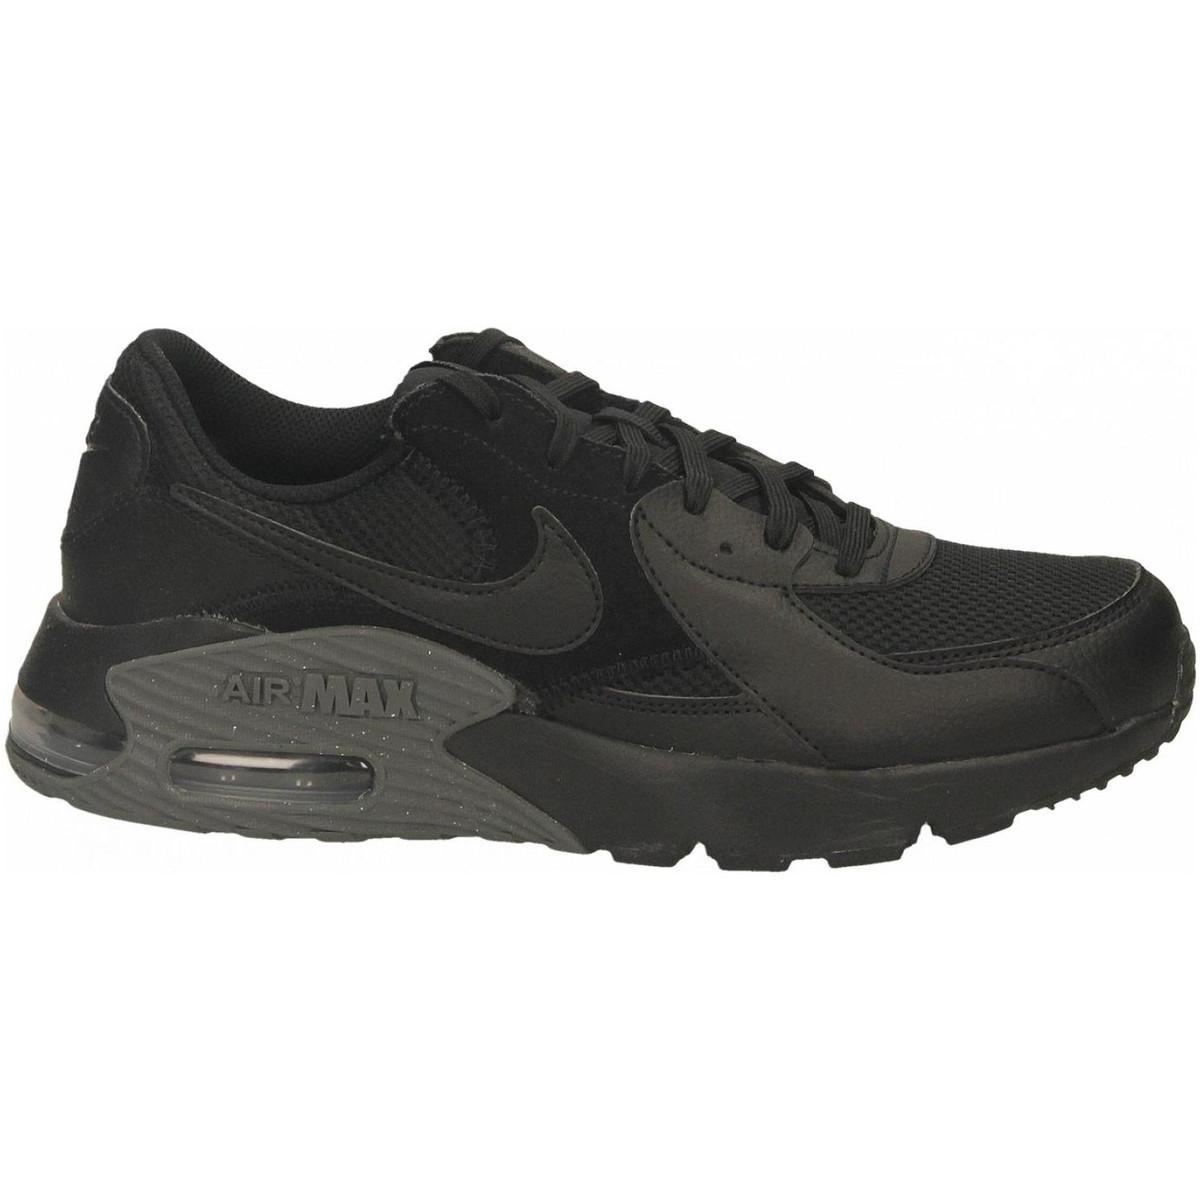 AIR MAX EXCEE Chaussures Nike pour homme en coloris Noir - Lyst